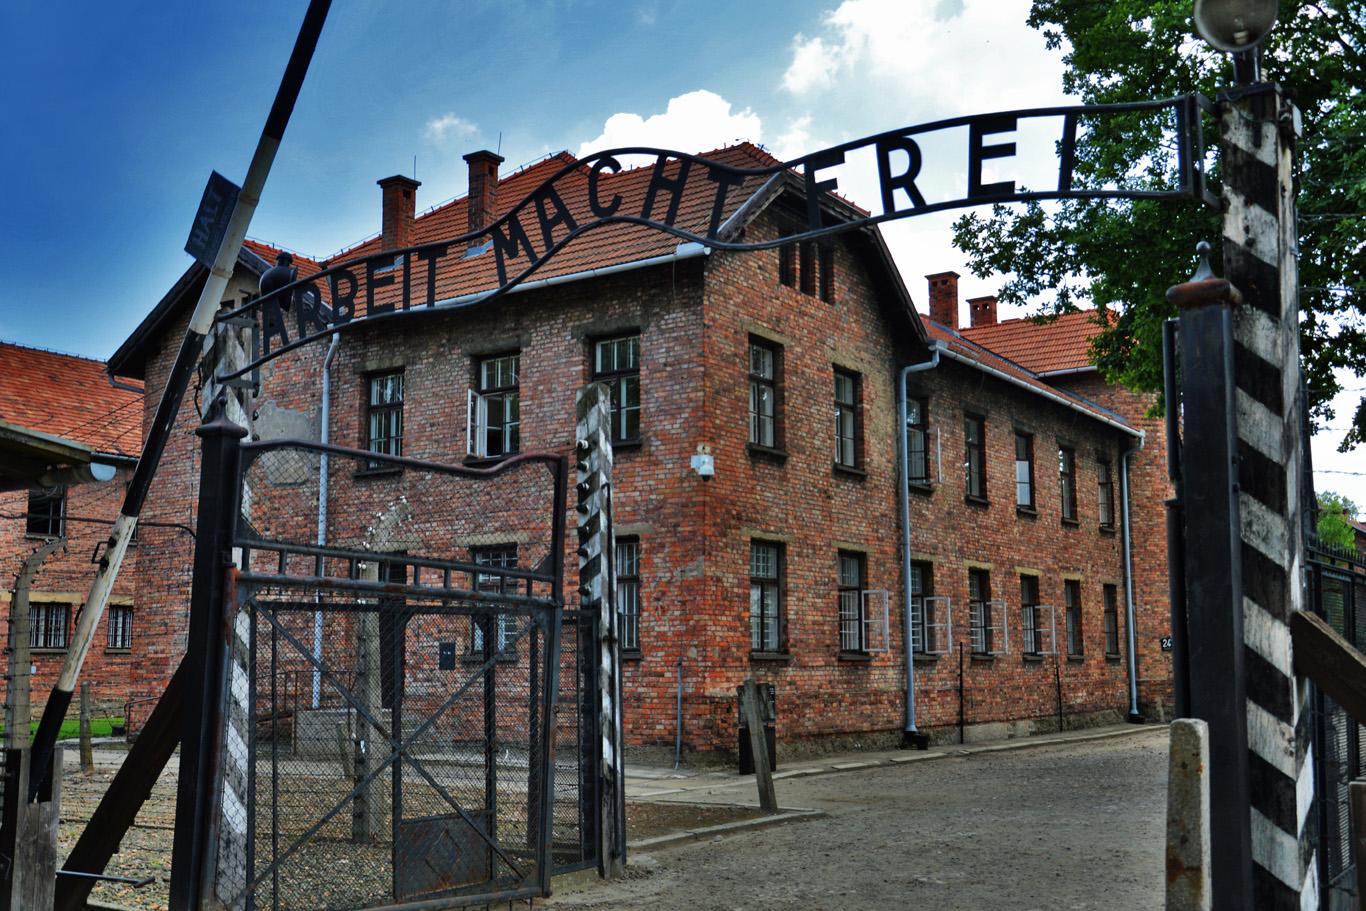 The main gate to Auschwitz